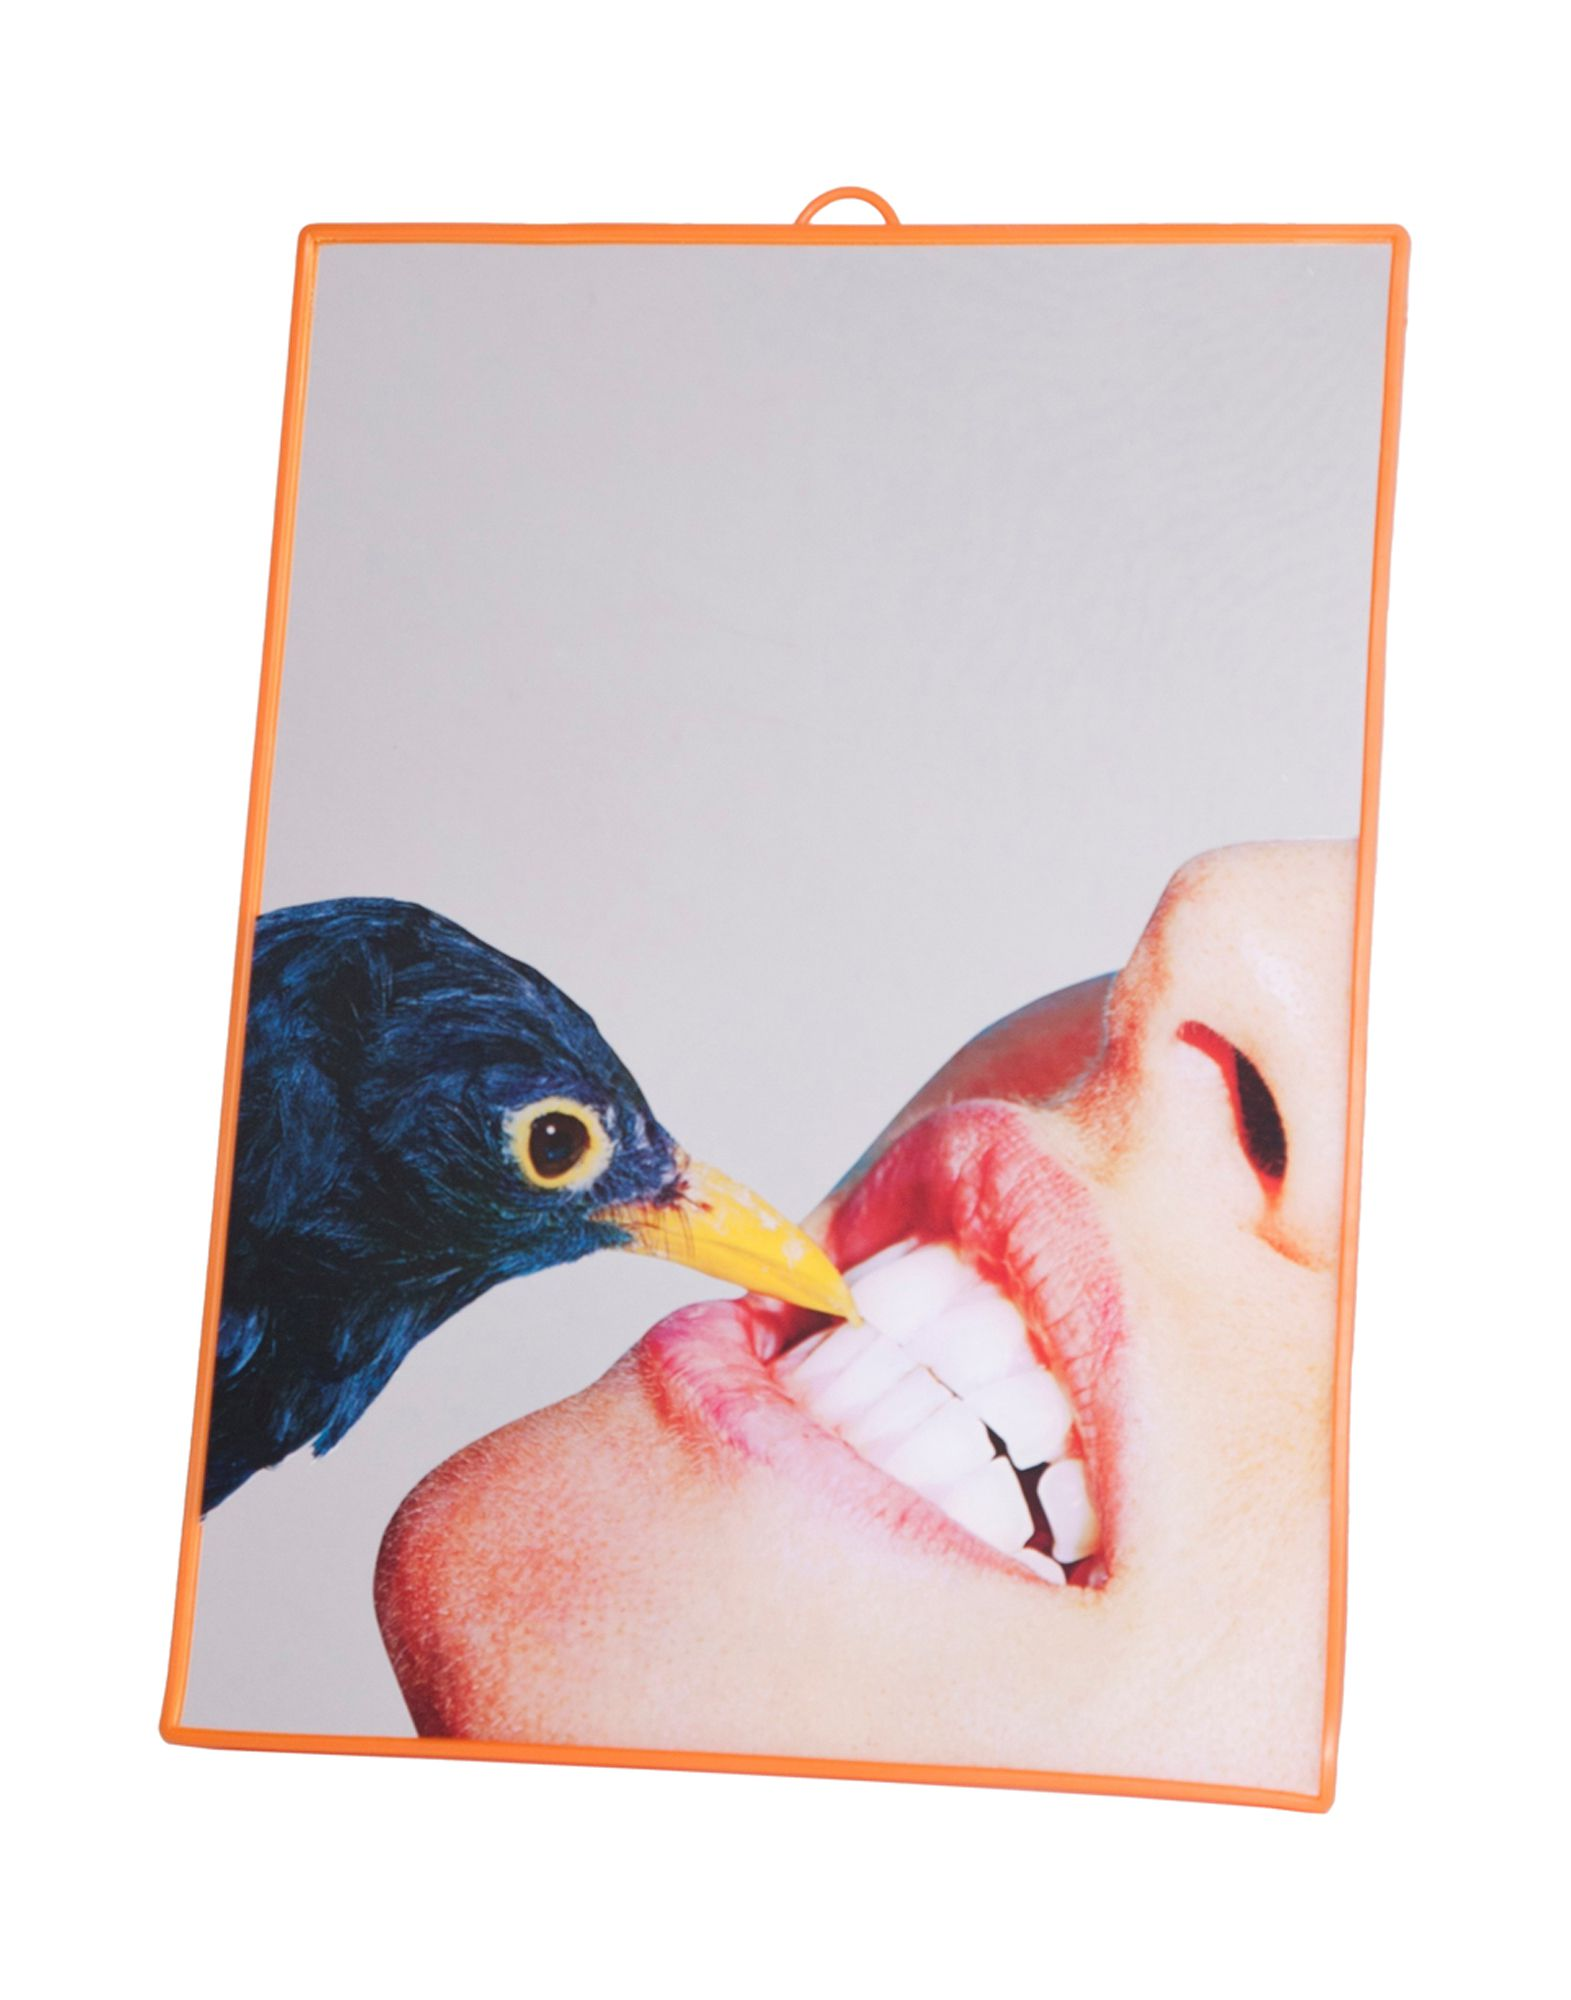 Espelho 29.5x22.5 cm, €24 Seletti wears Toiletpaper, Yoox.com